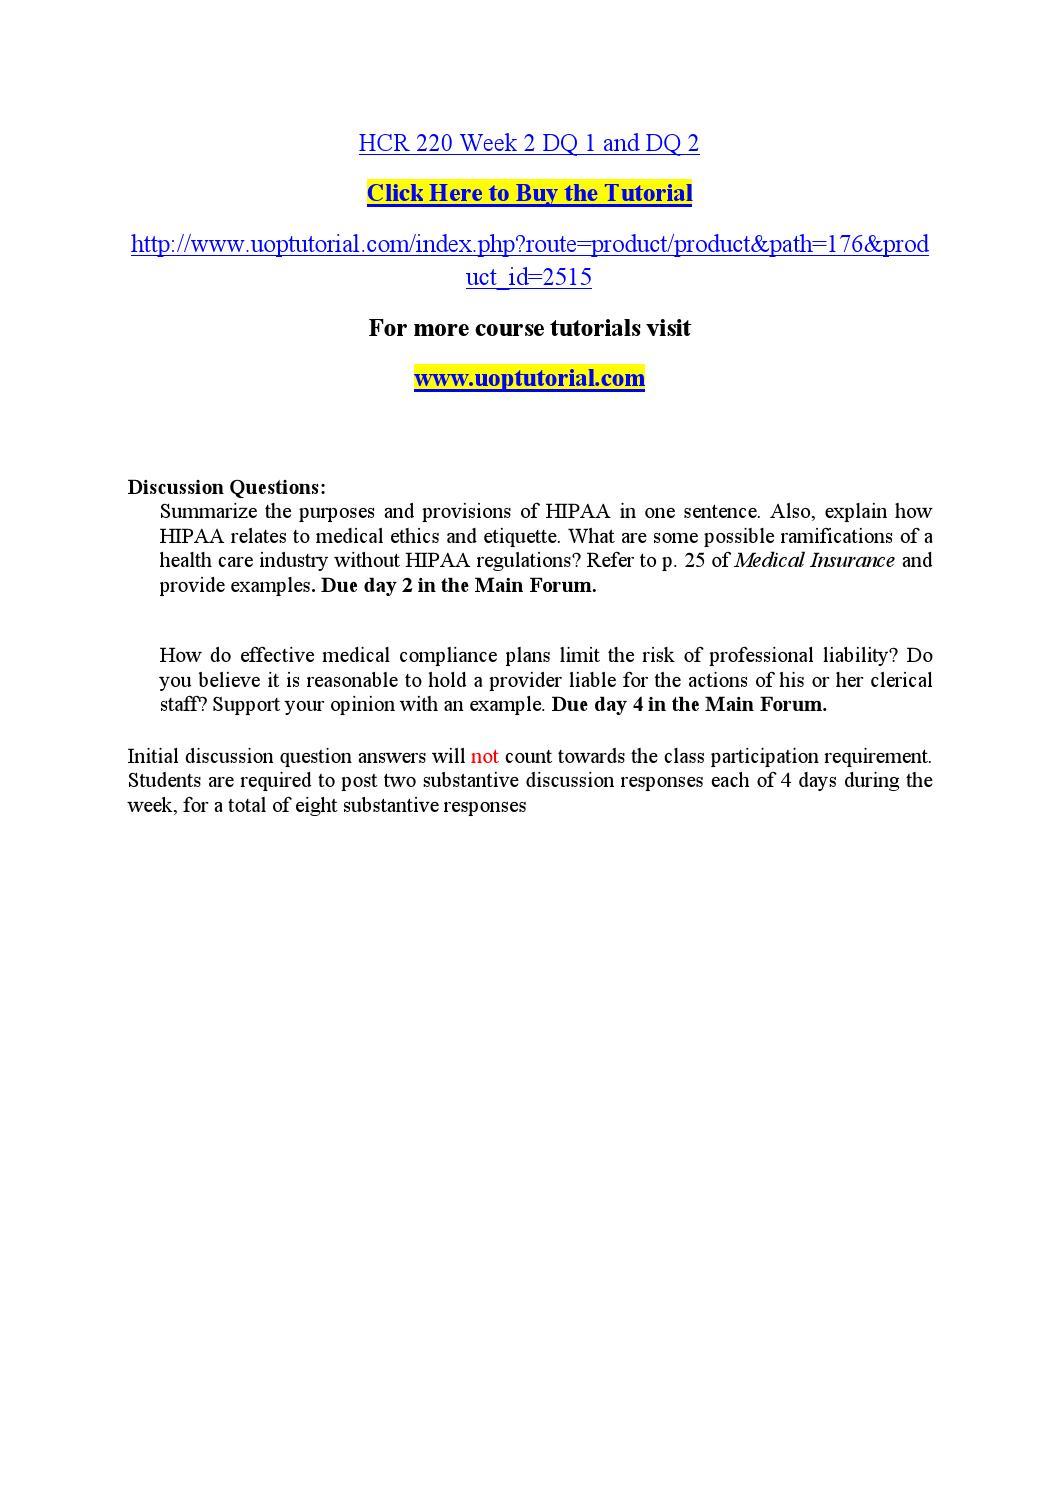 Hcr 220 week 2 dq 1 and dq 2 by nanda17 - issuu